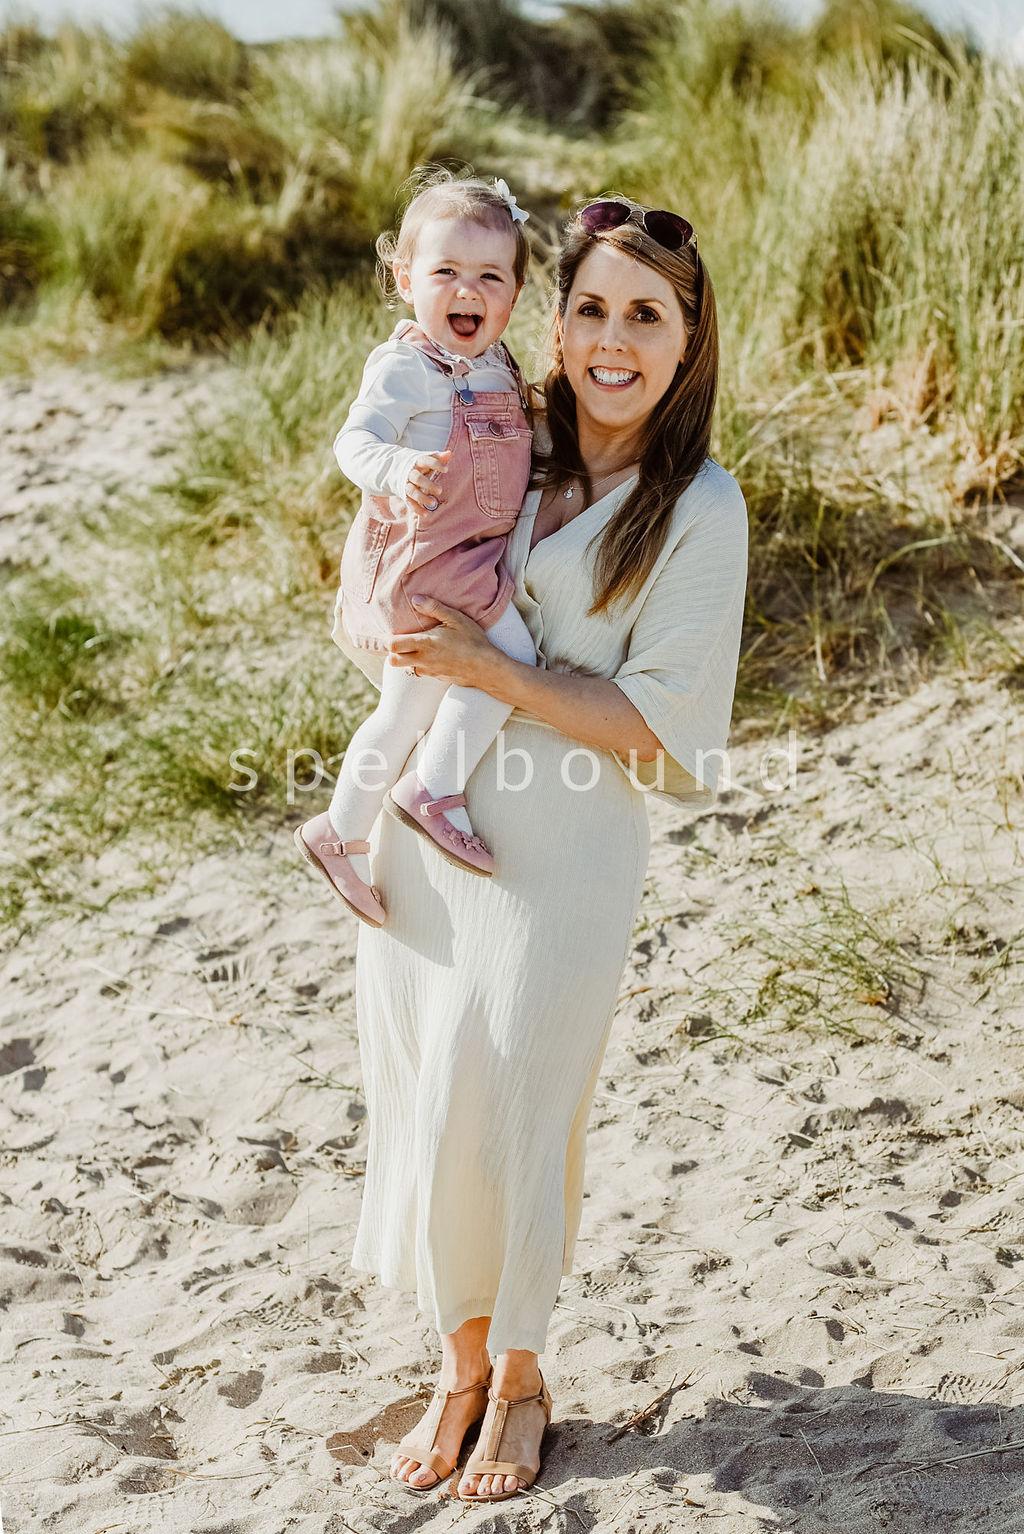 Candid Family Photos Dublin malahide beach Portmarnock North Dublin Kildare Meath Skerries Swords 3